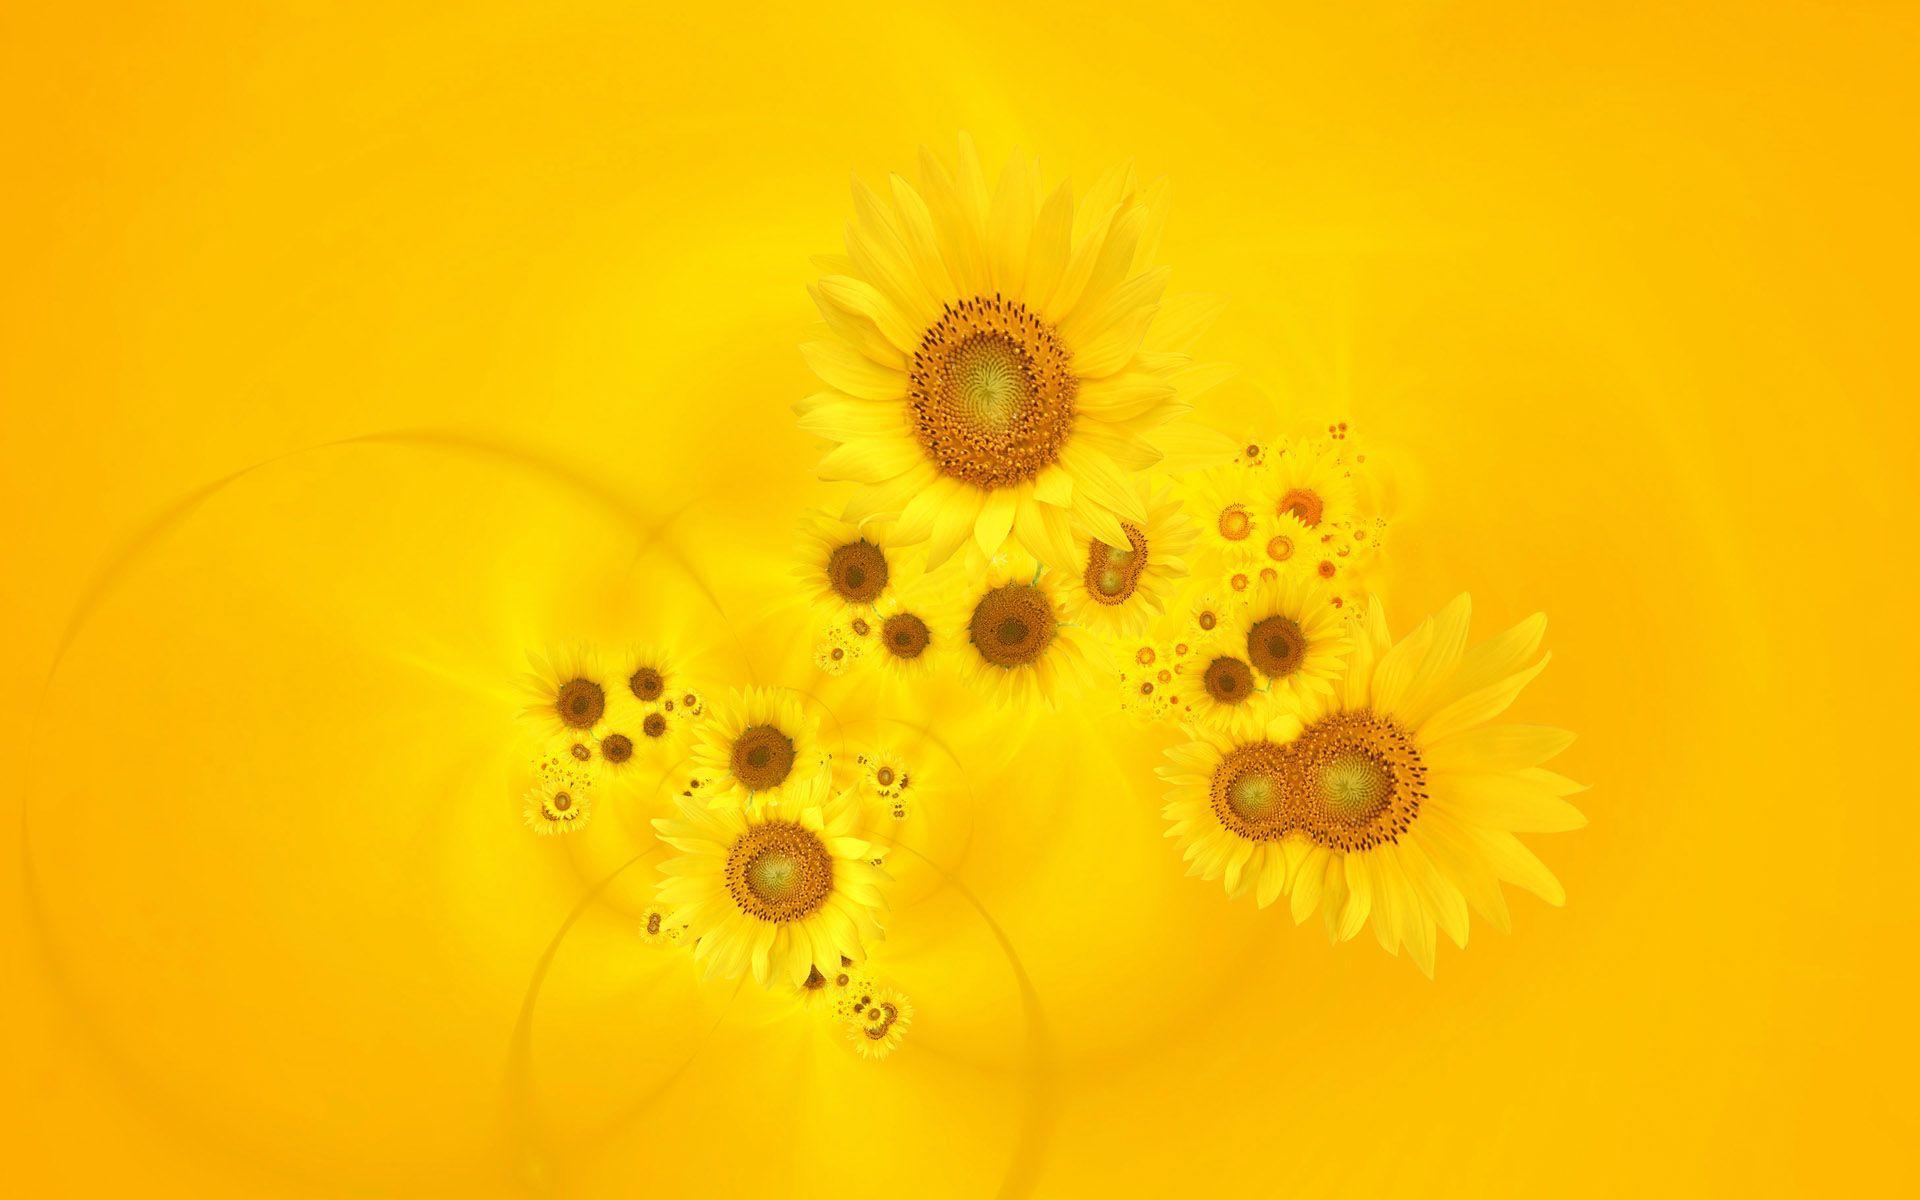 1920x1200 Hình nền hoa hướng dương vàng tươi